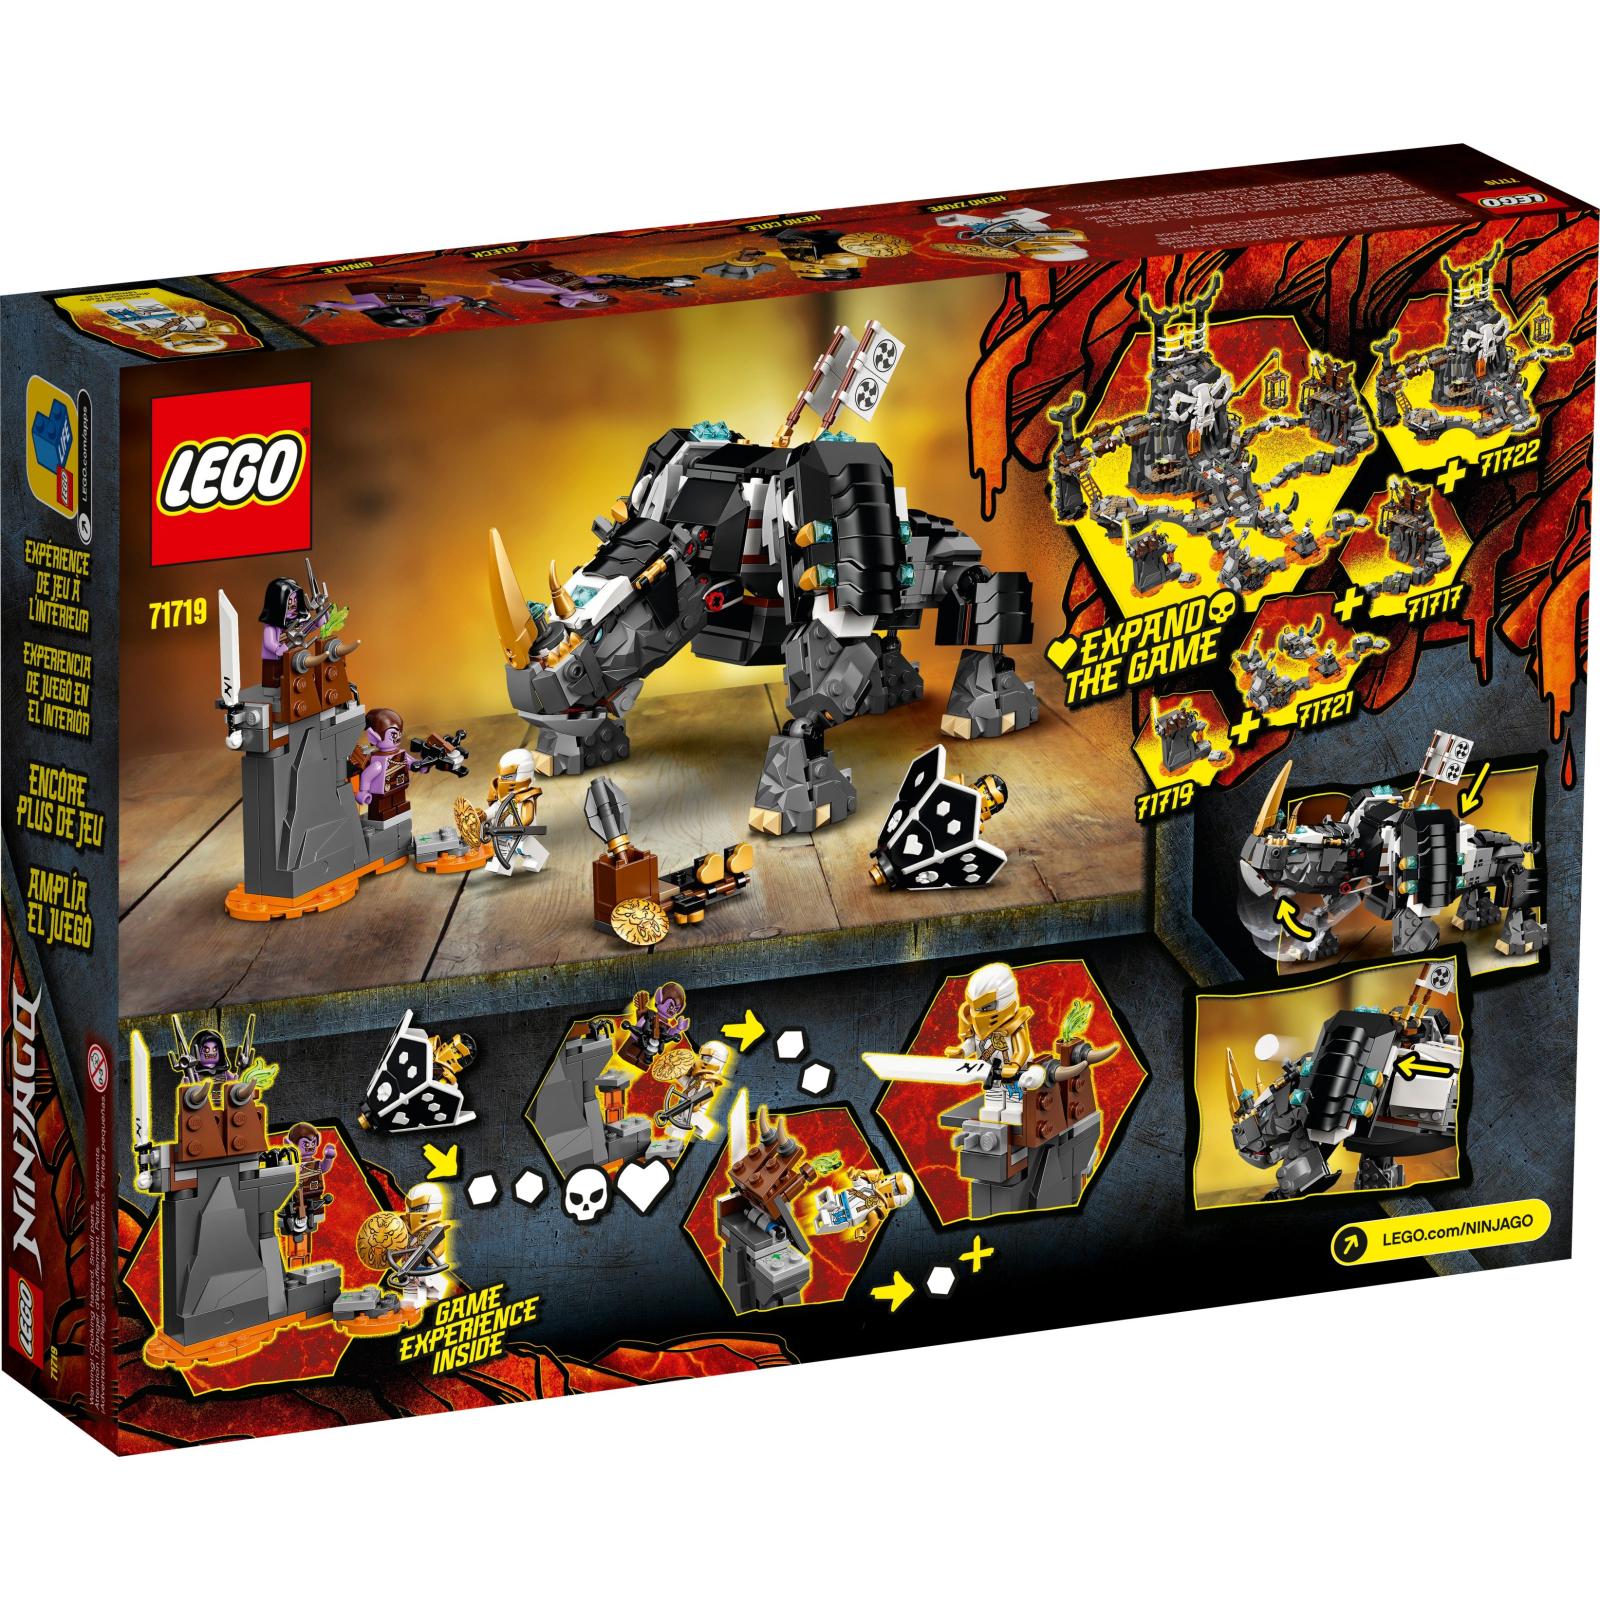 Конструктор LEGO Ninjago Бронированный носорог Зейна 616 деталей (71719) изображение 7